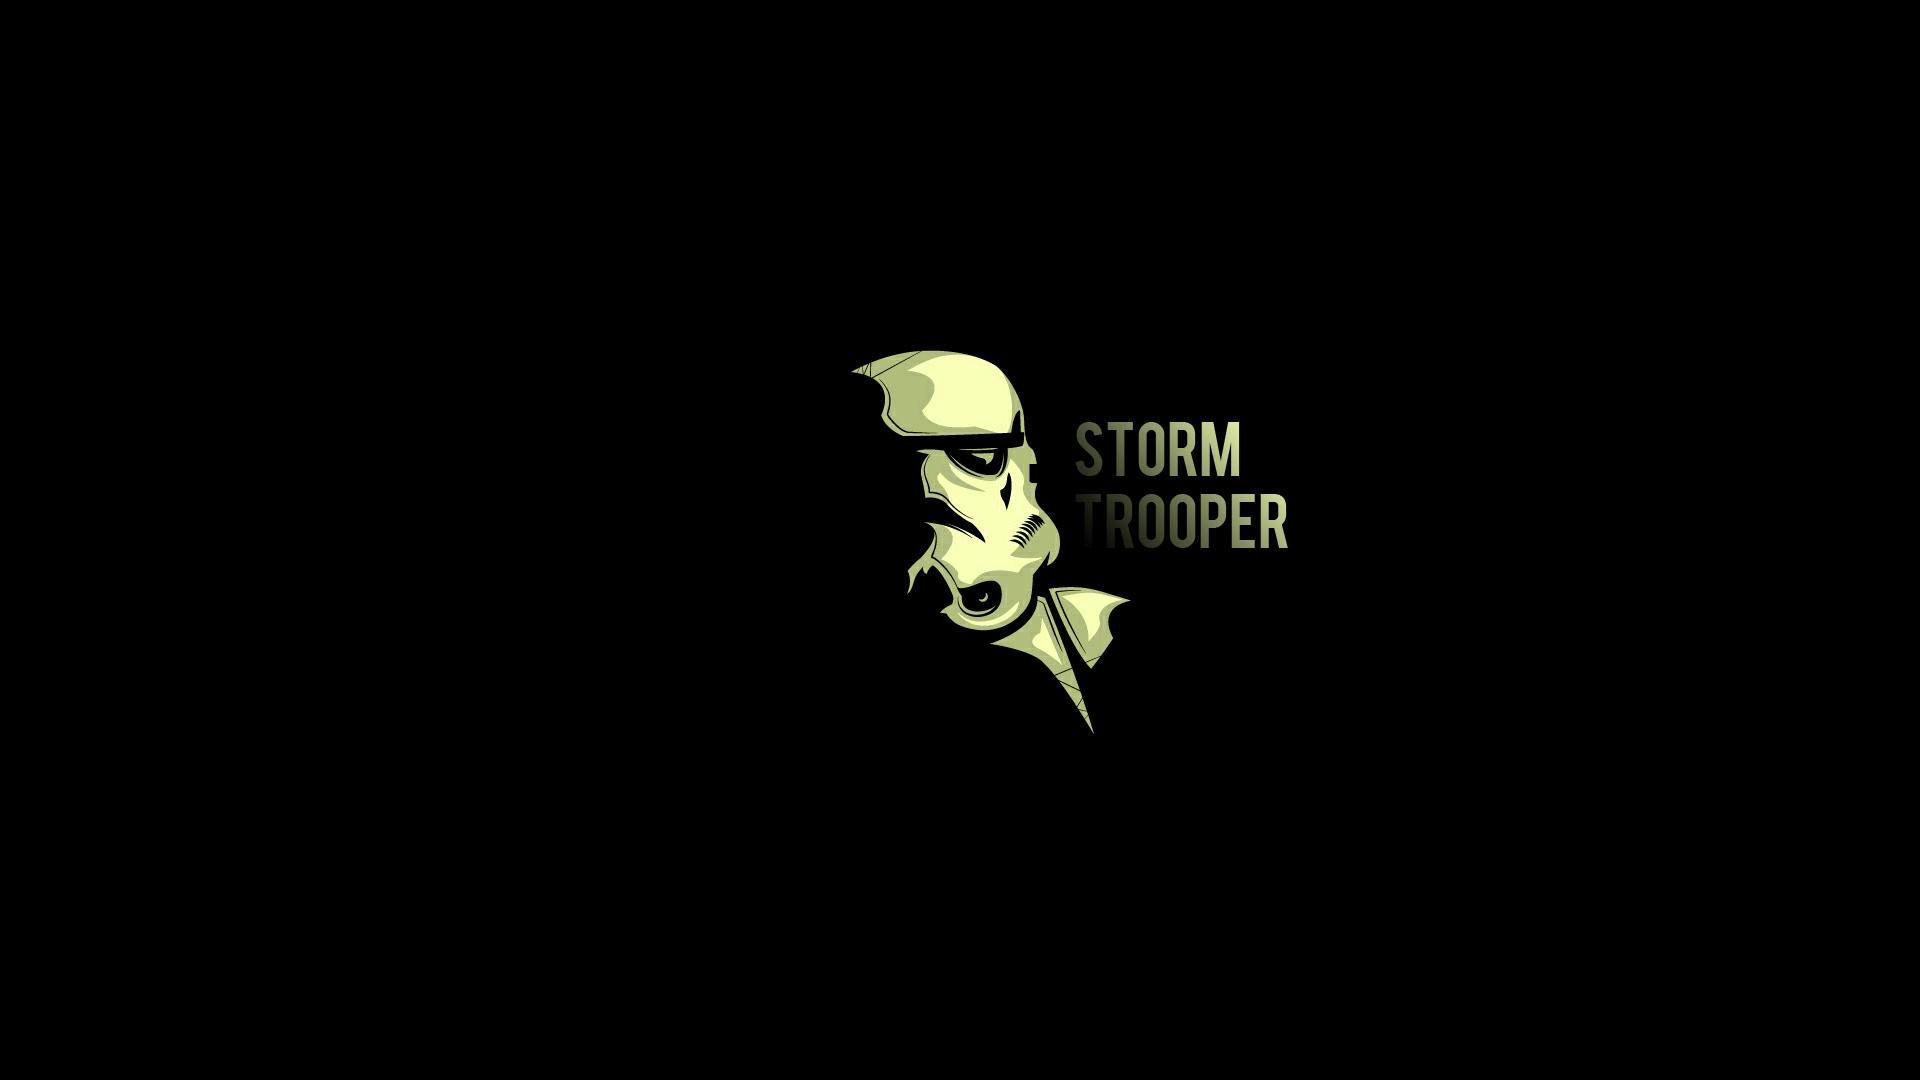 Hd stormtrooper wallpaper wallpapersafari - Stormtrooper suit wallpaper ...